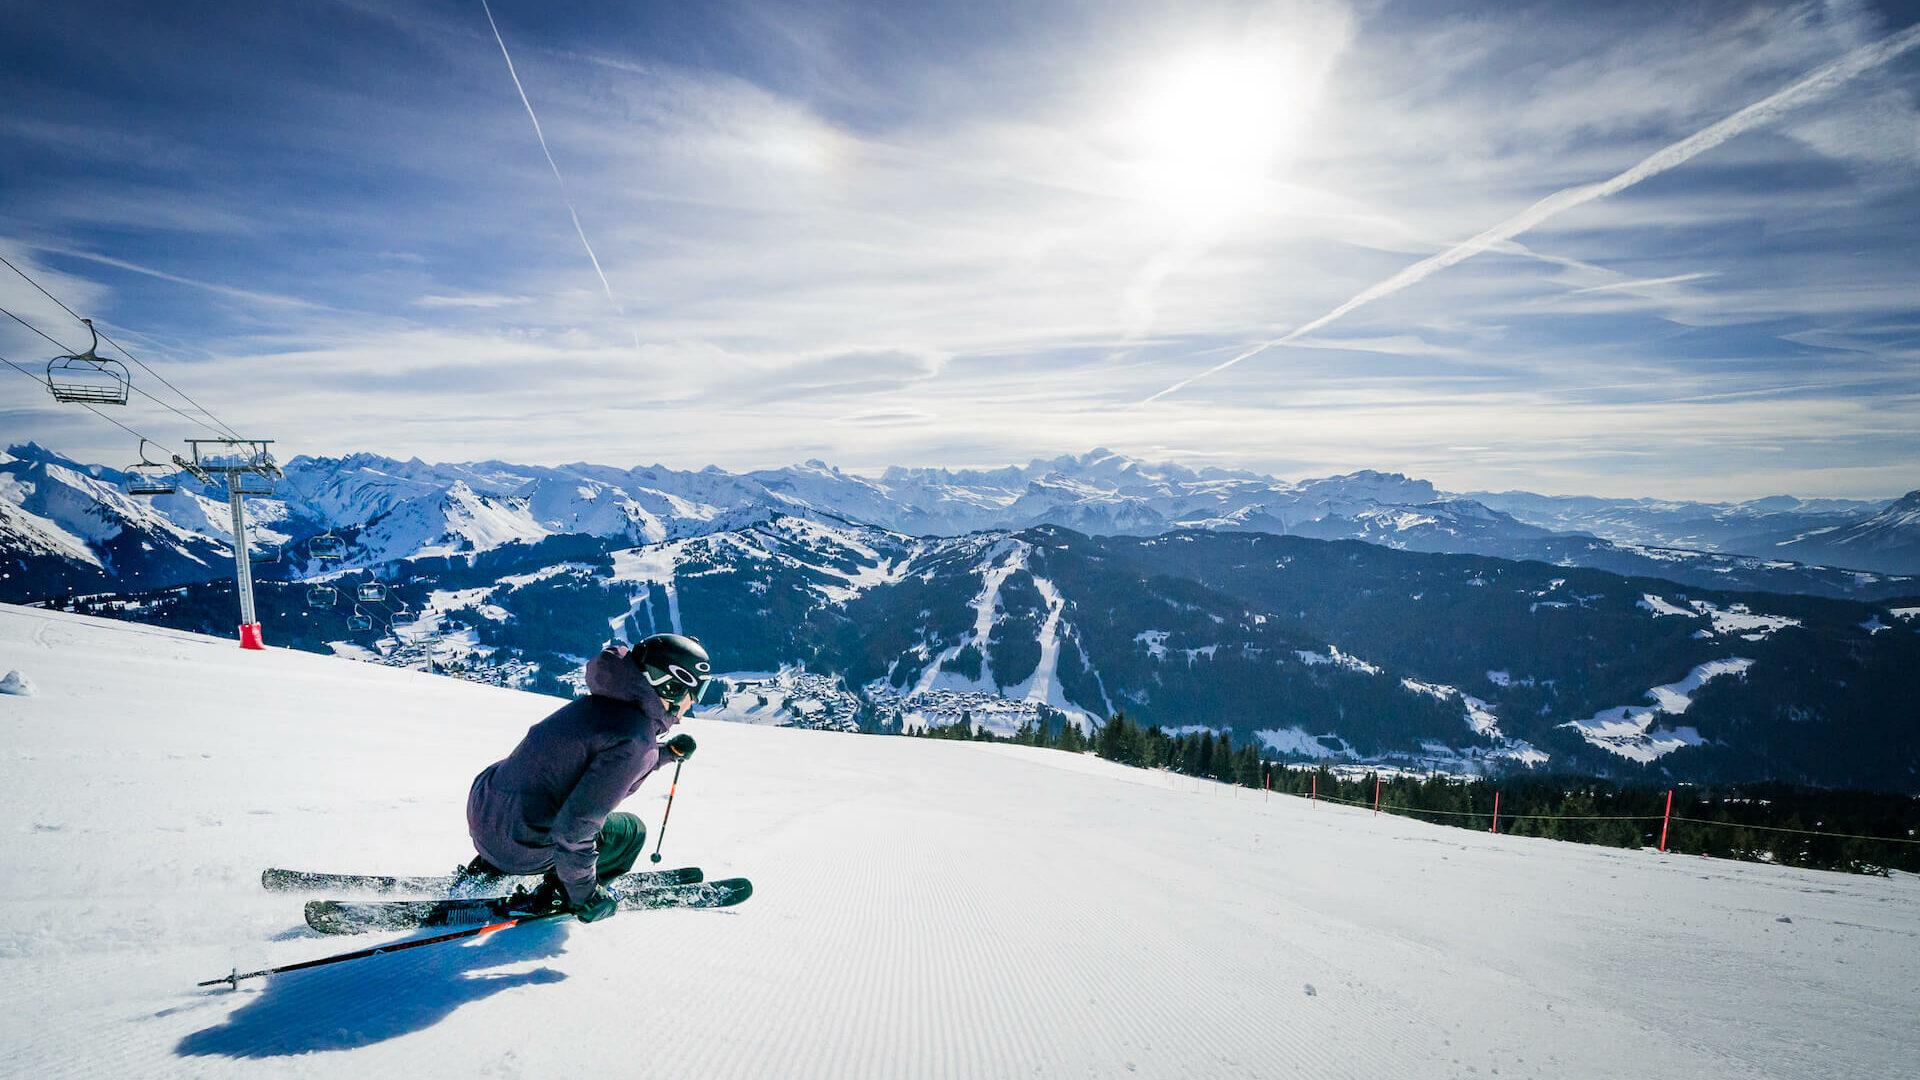 Skieur descendant une piste avec montagne et télésiège en fond